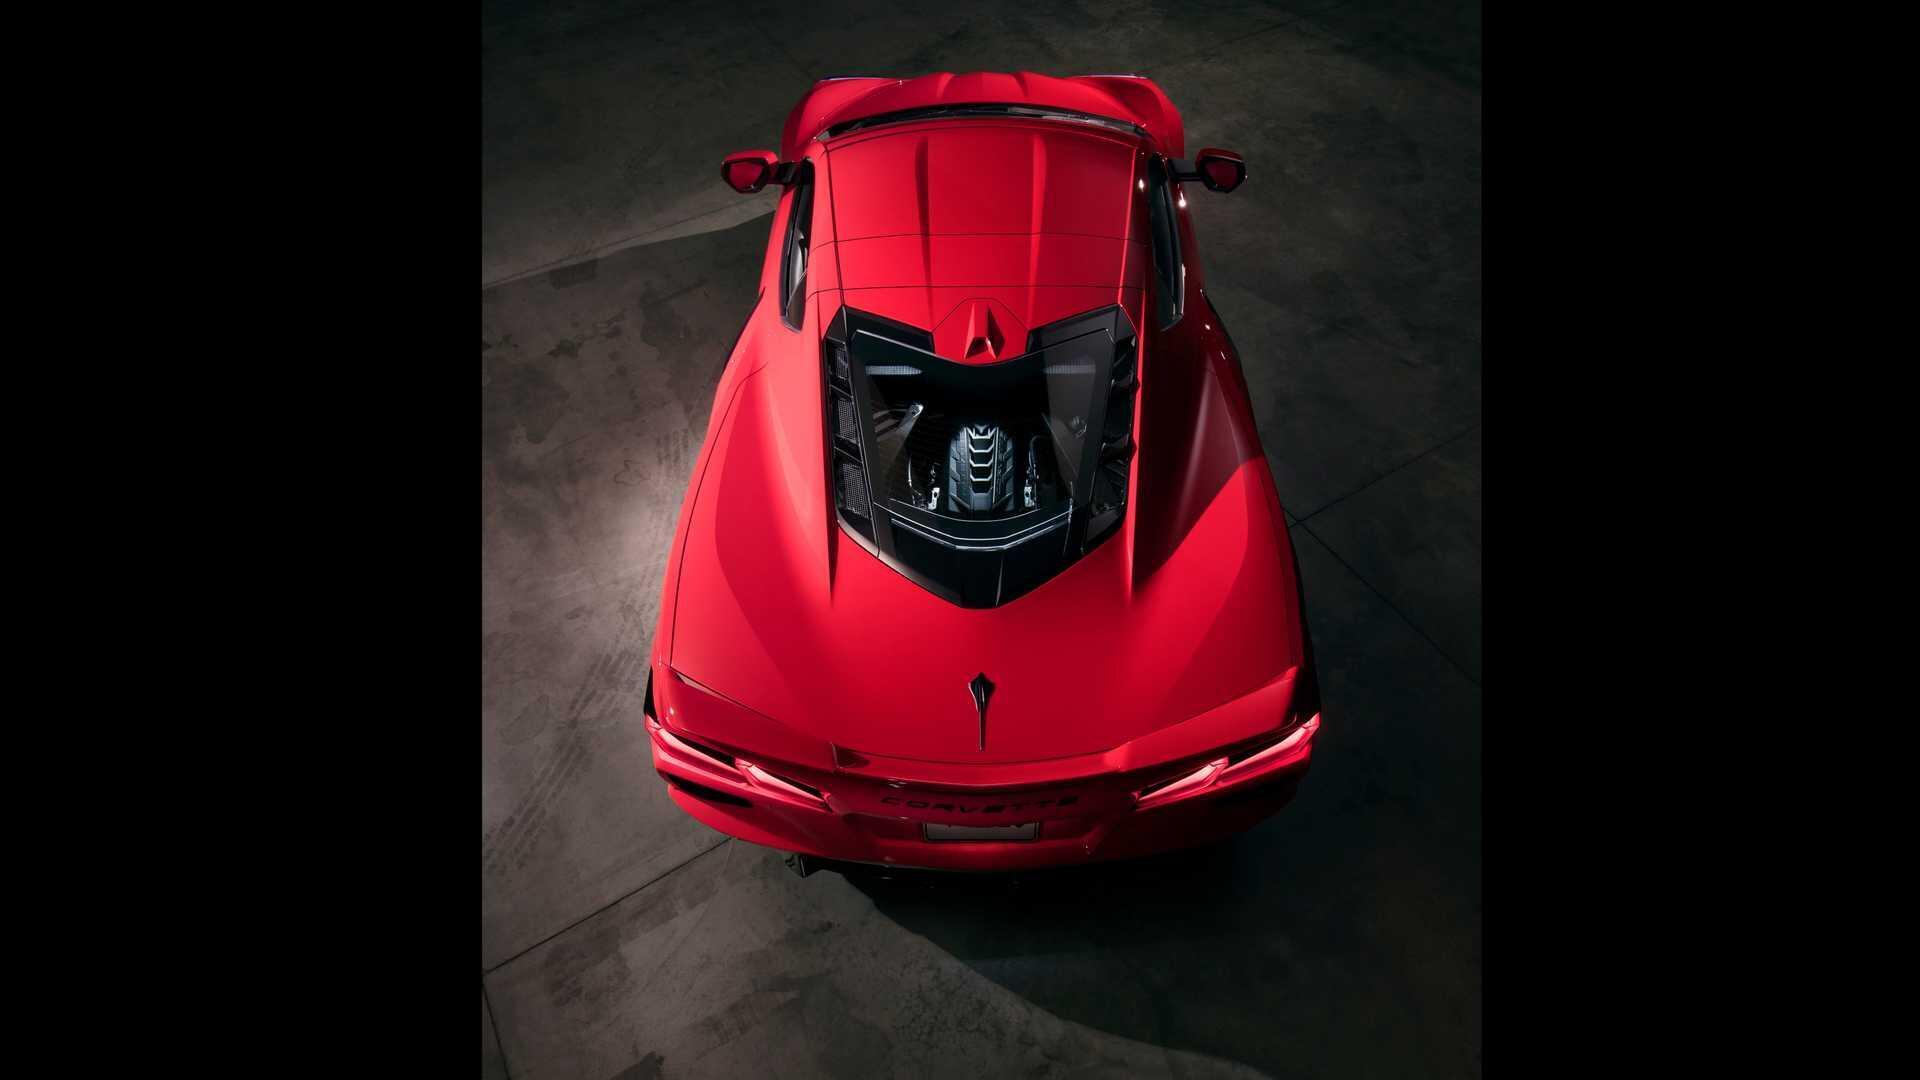 https://cdn.dailyxe.com.vn/image/chevrolet-corvette-2020-co-mot-so-tinh-nang-an-tuyet-voi-62-94569j2.jpg